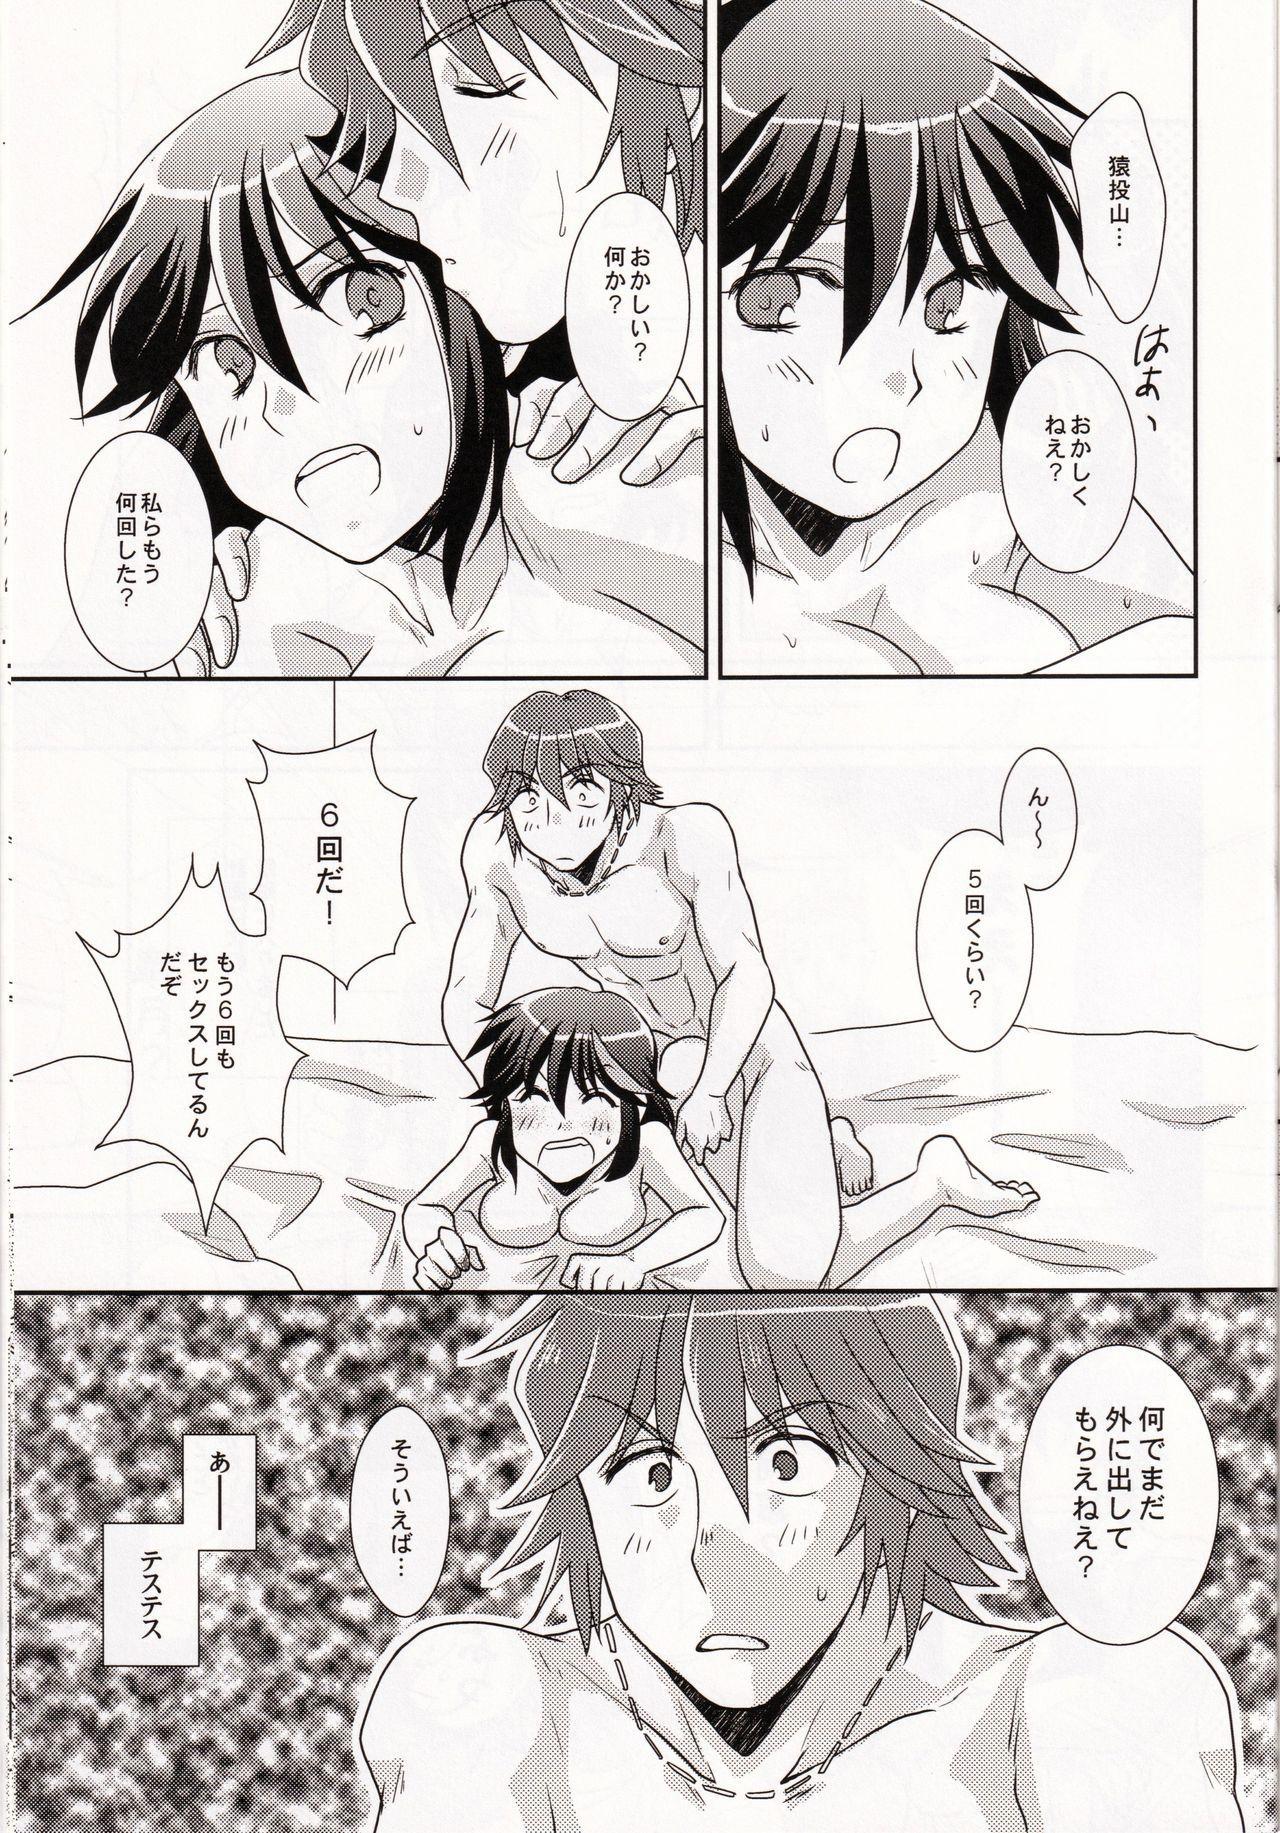 (SUPER26) [Ishin Denshin (Yuusa Riki)] Ore no Kanojo (Kari) ga Otokomae Sugite Mou Horeru shika Nai. (Kill la Kill) 22